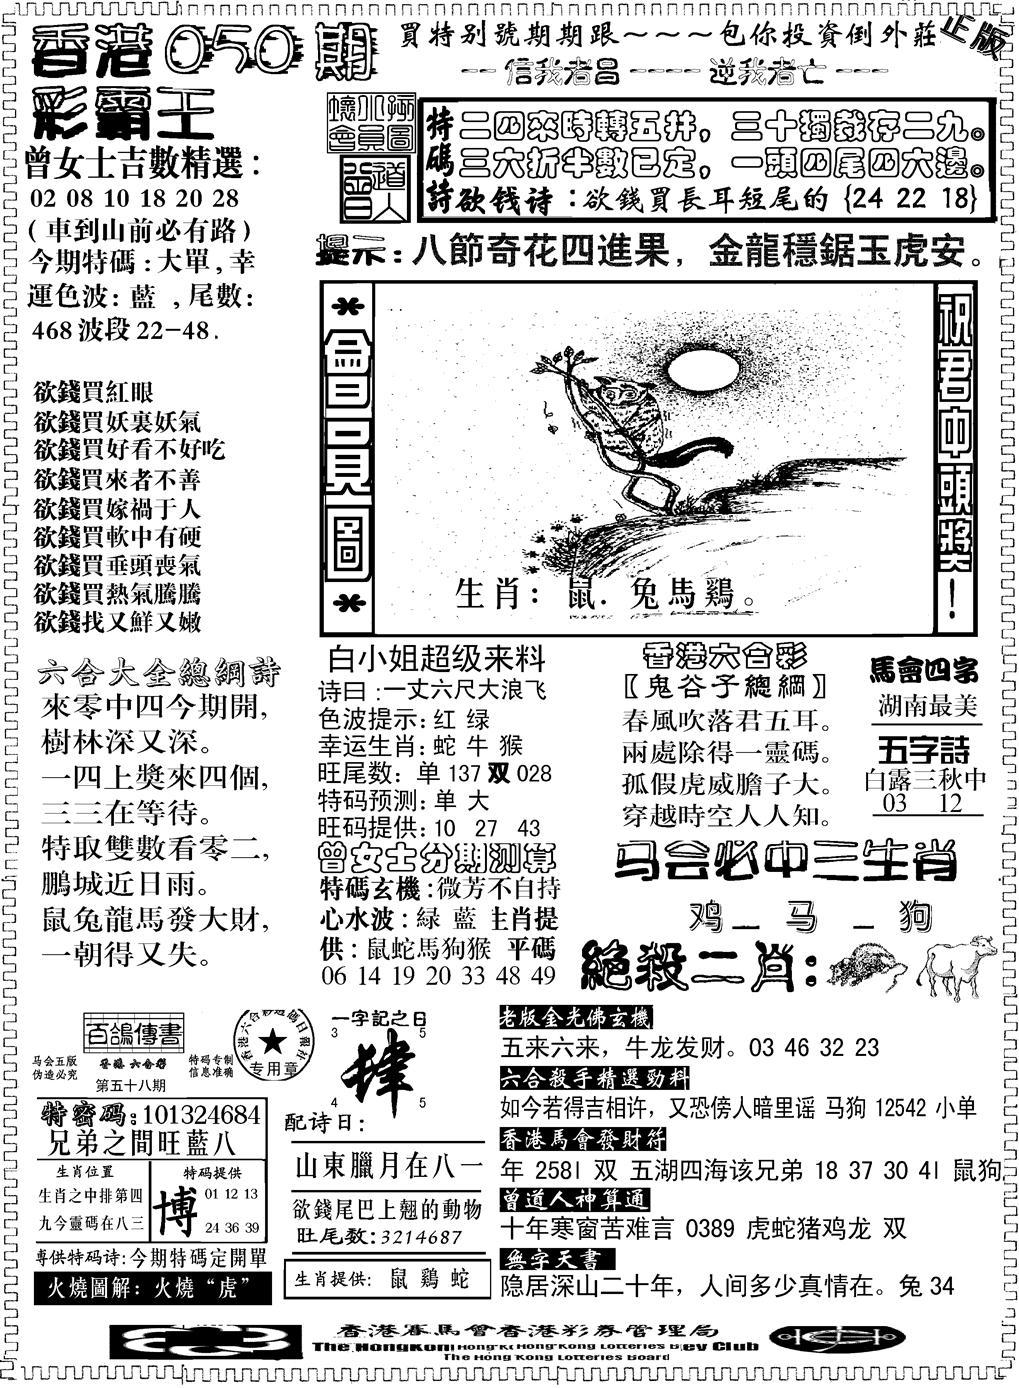 050期另版新版彩霸王B(黑白)